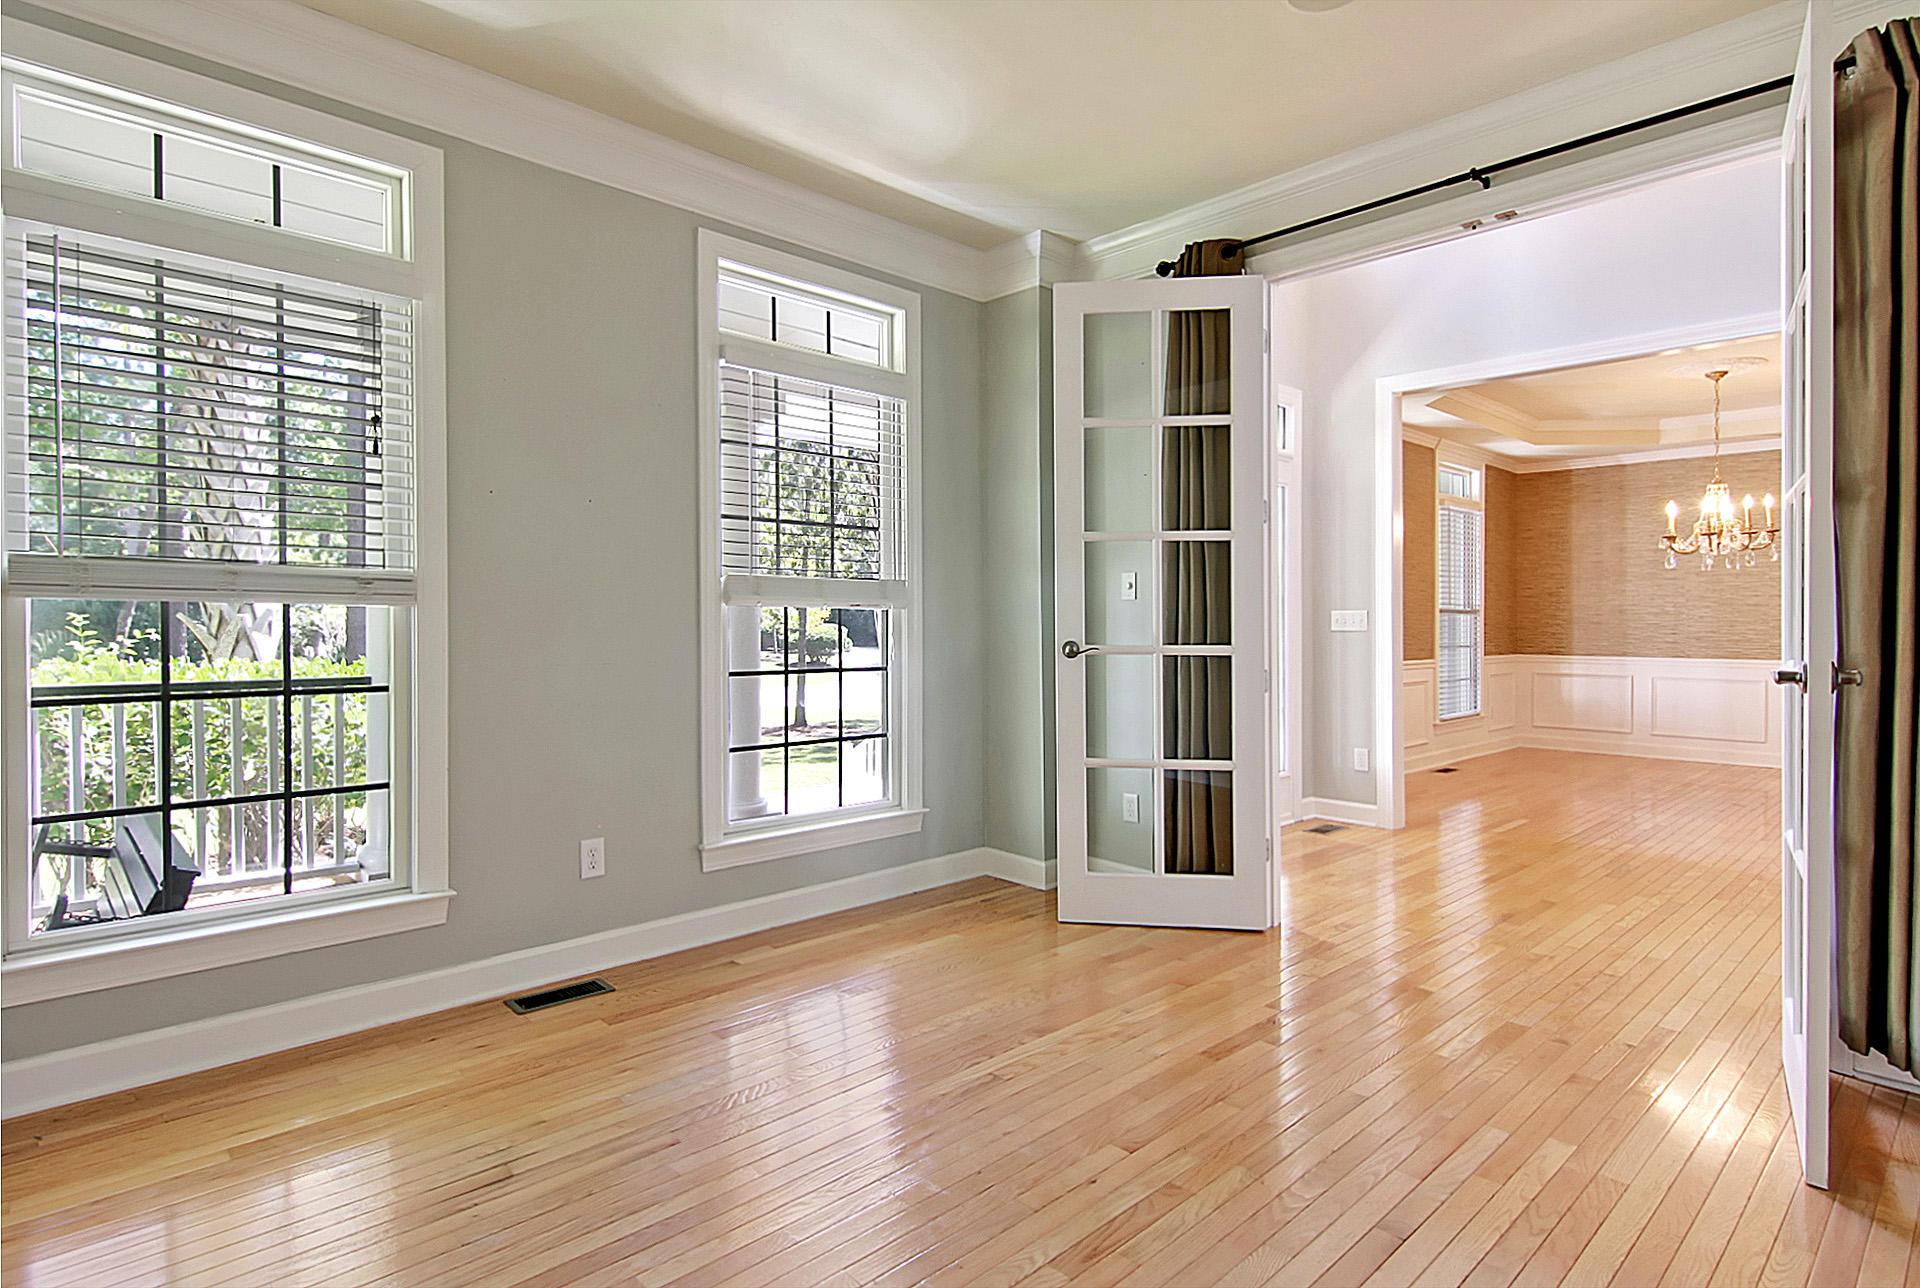 Dunes West Homes For Sale - 2236 Black Oak, Mount Pleasant, SC - 3